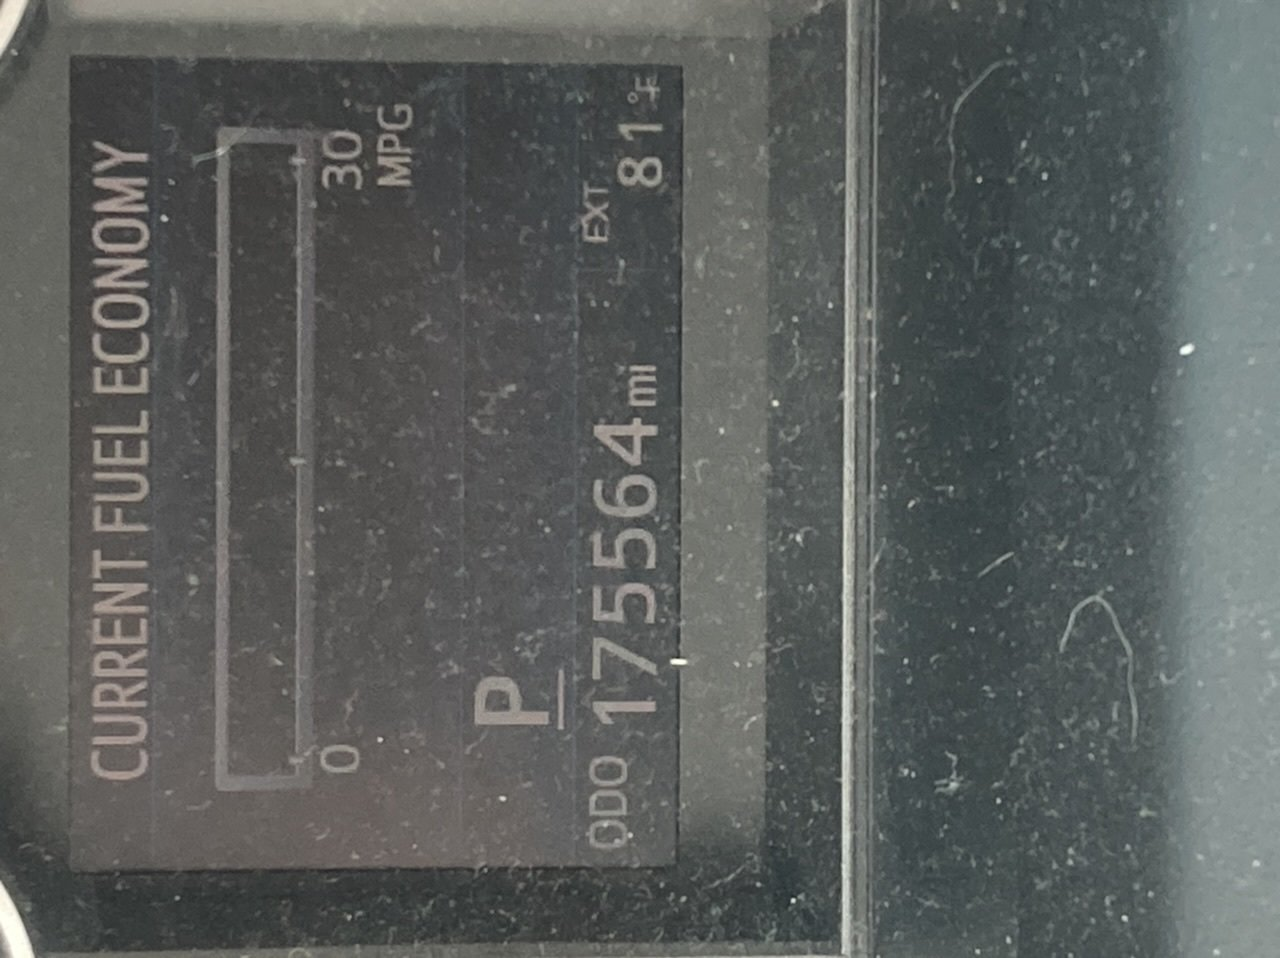 8CA0CE37-5812-4CD6-BB67-CE4FFB4F1361.jpg